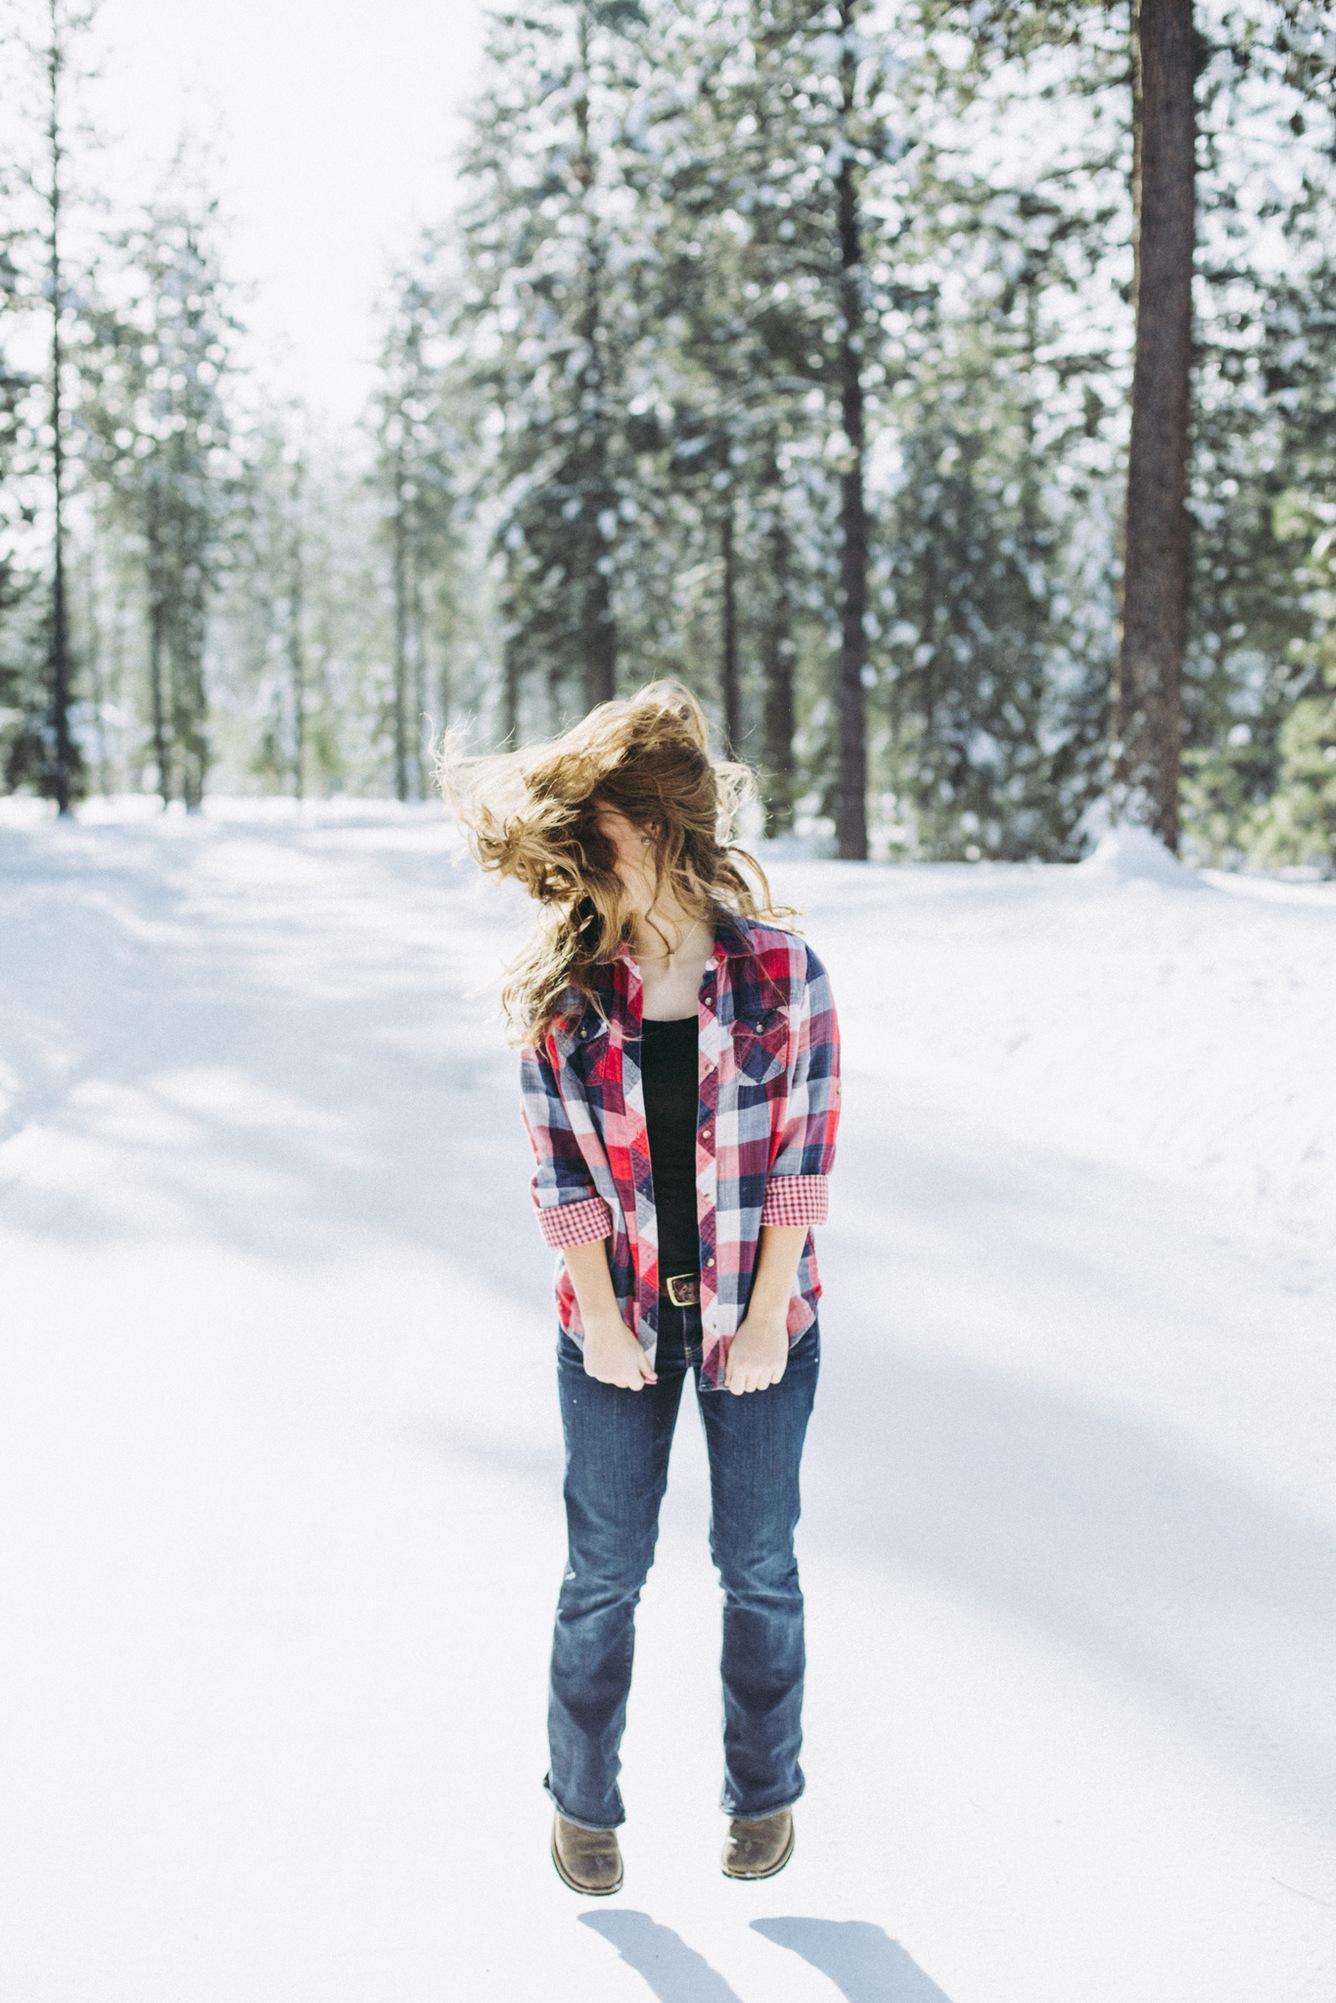 anna - snow portrait session